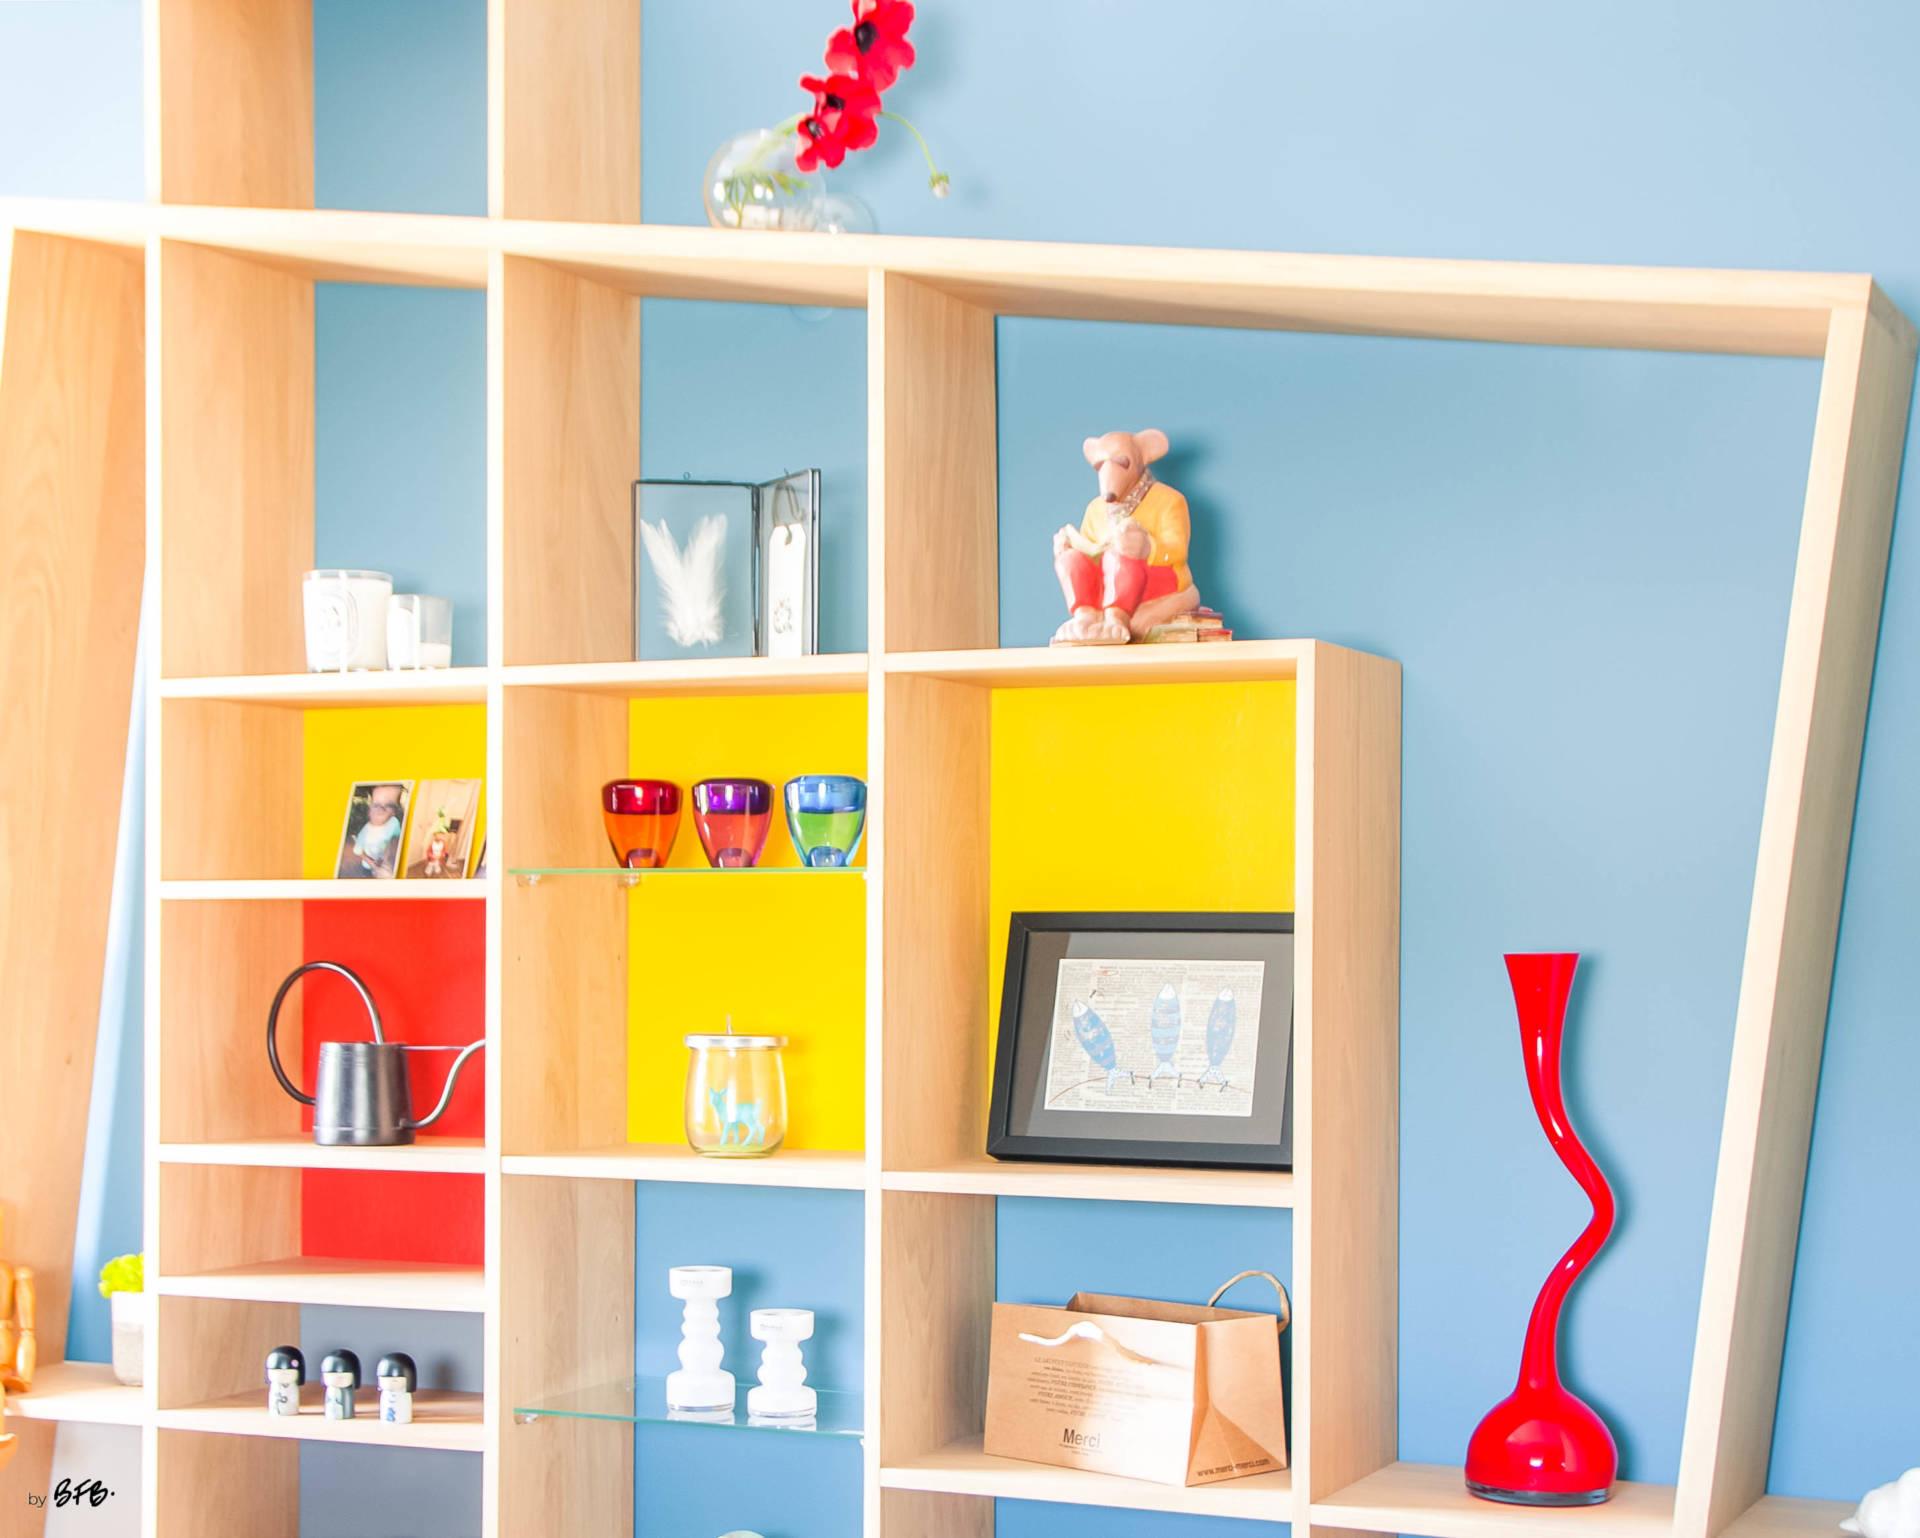 Réaménagement d'un hall d'entrée avec création ambiance à Guidel, by Agence BFB, focus sur la bibliothèque en chêne massif avec aplat de couleur